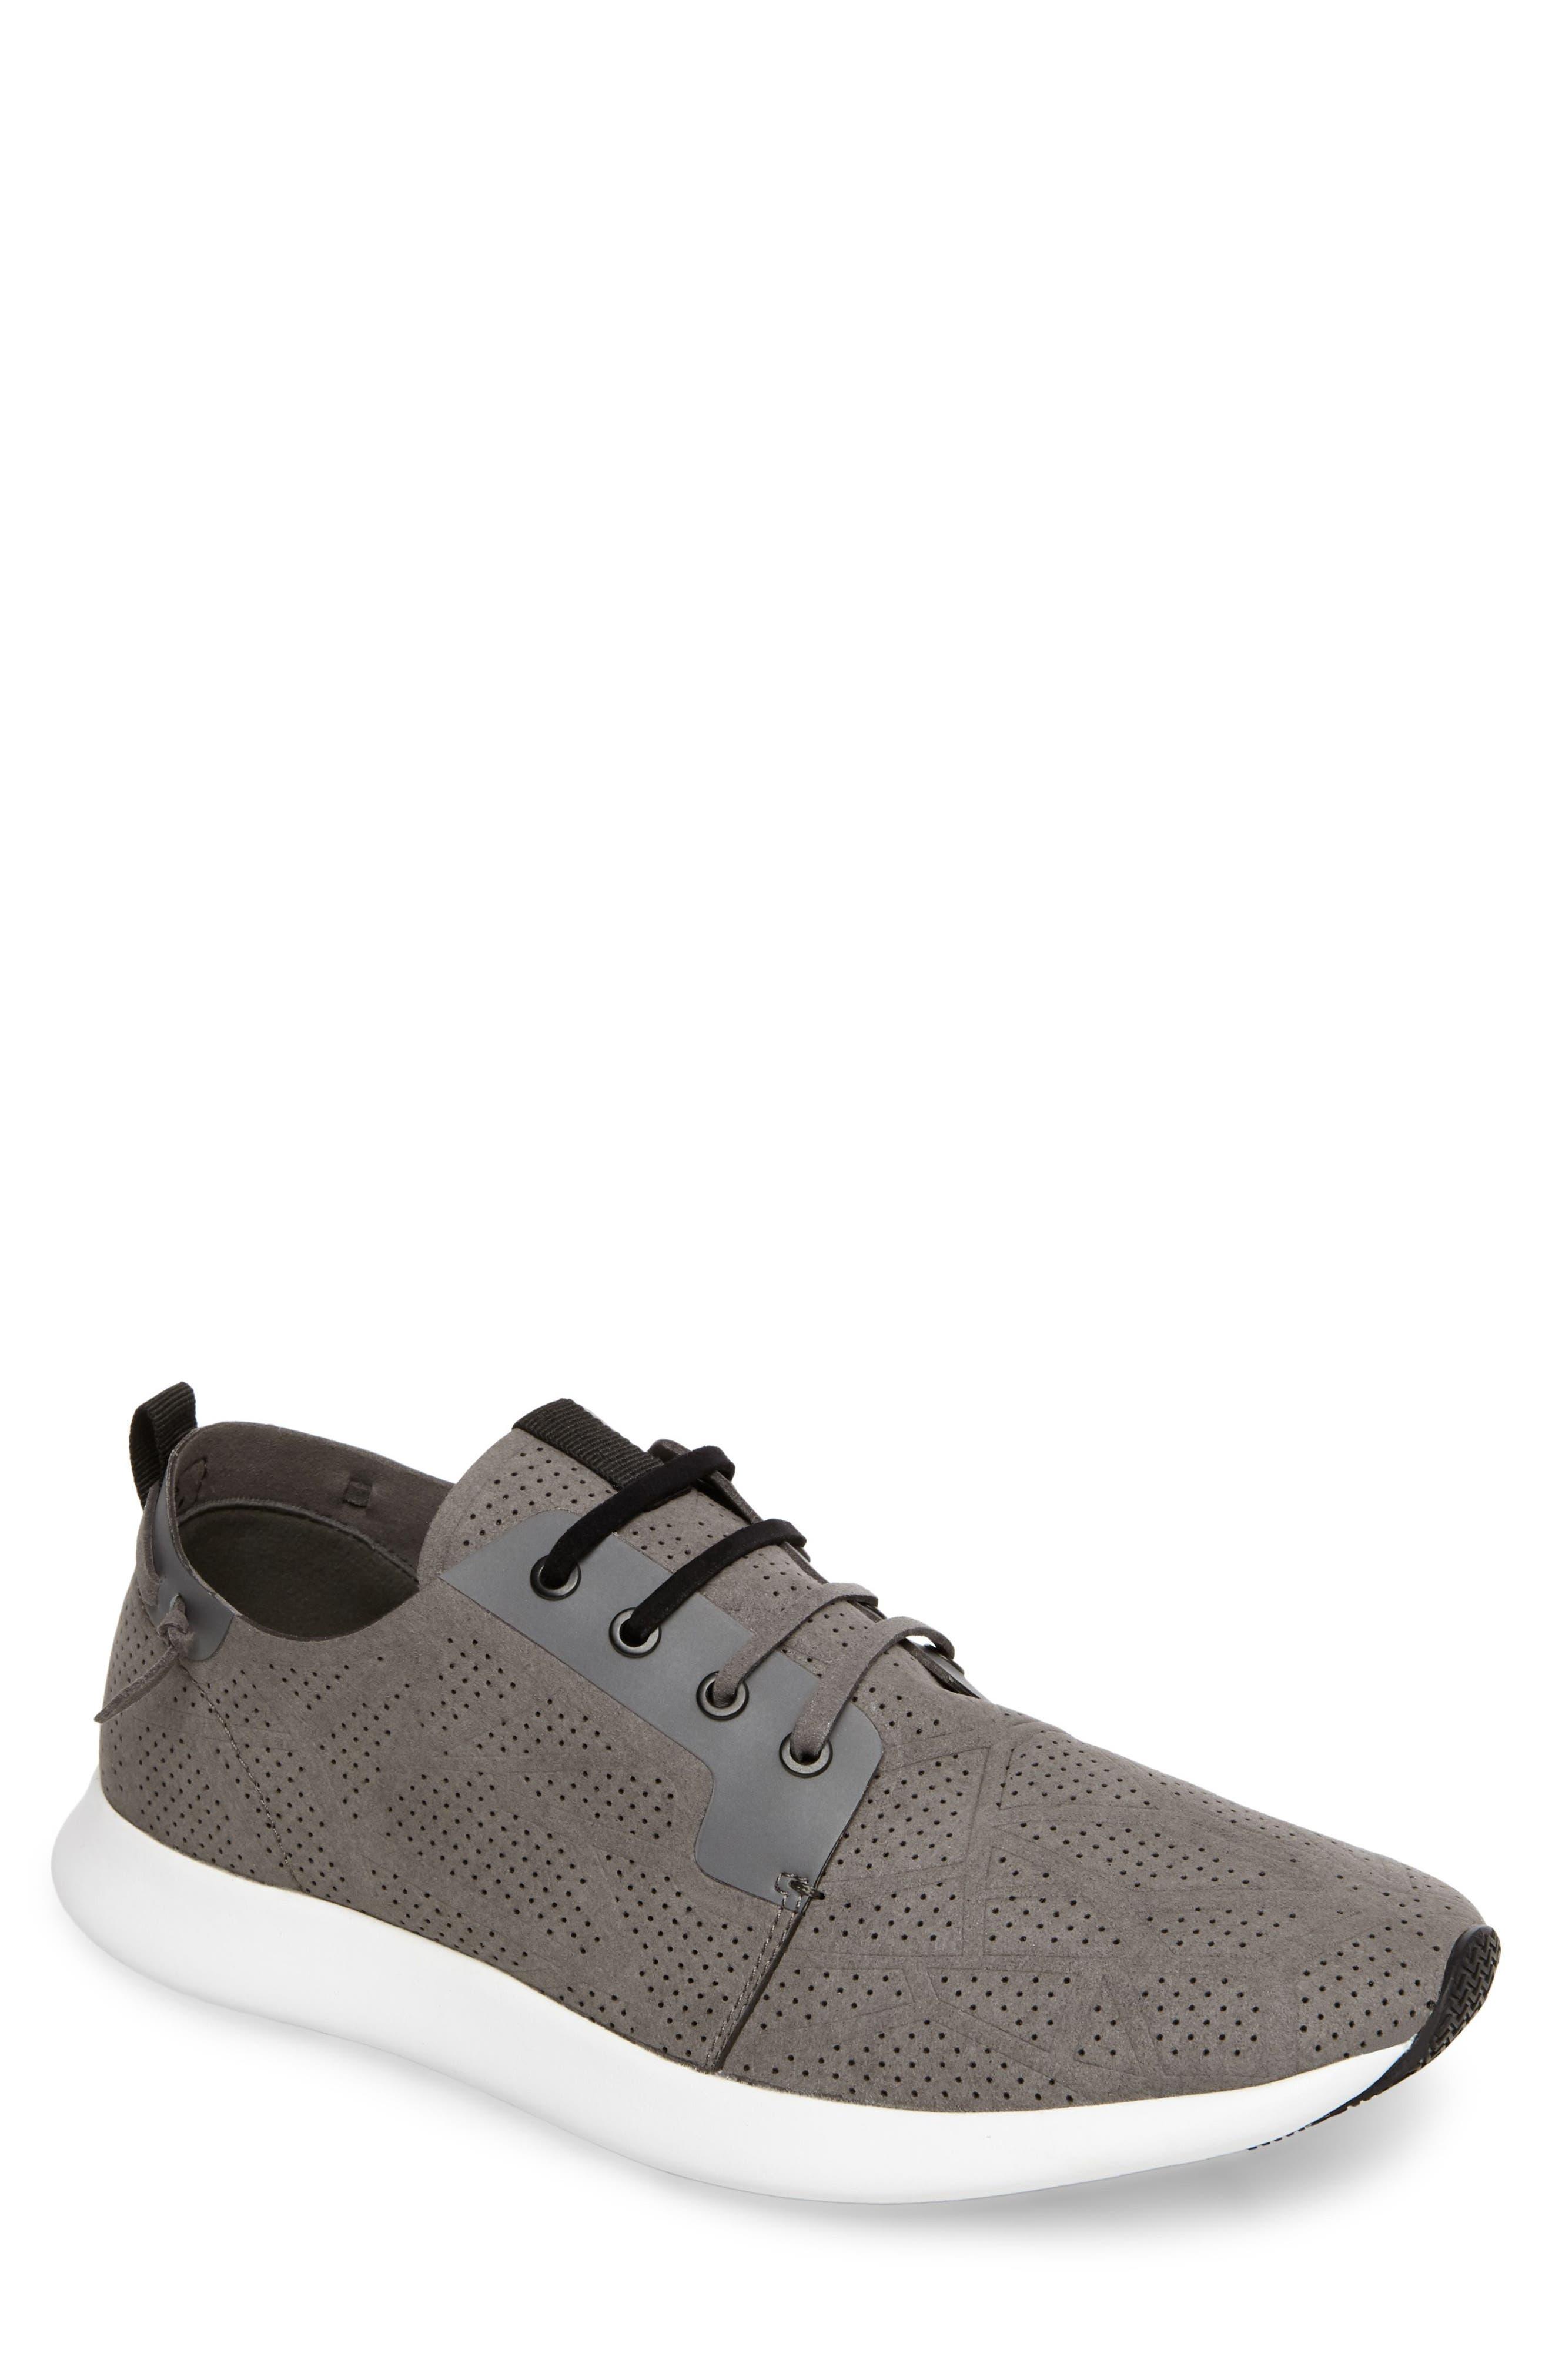 Steve Madden Batali Perforated Sneaker (Men)